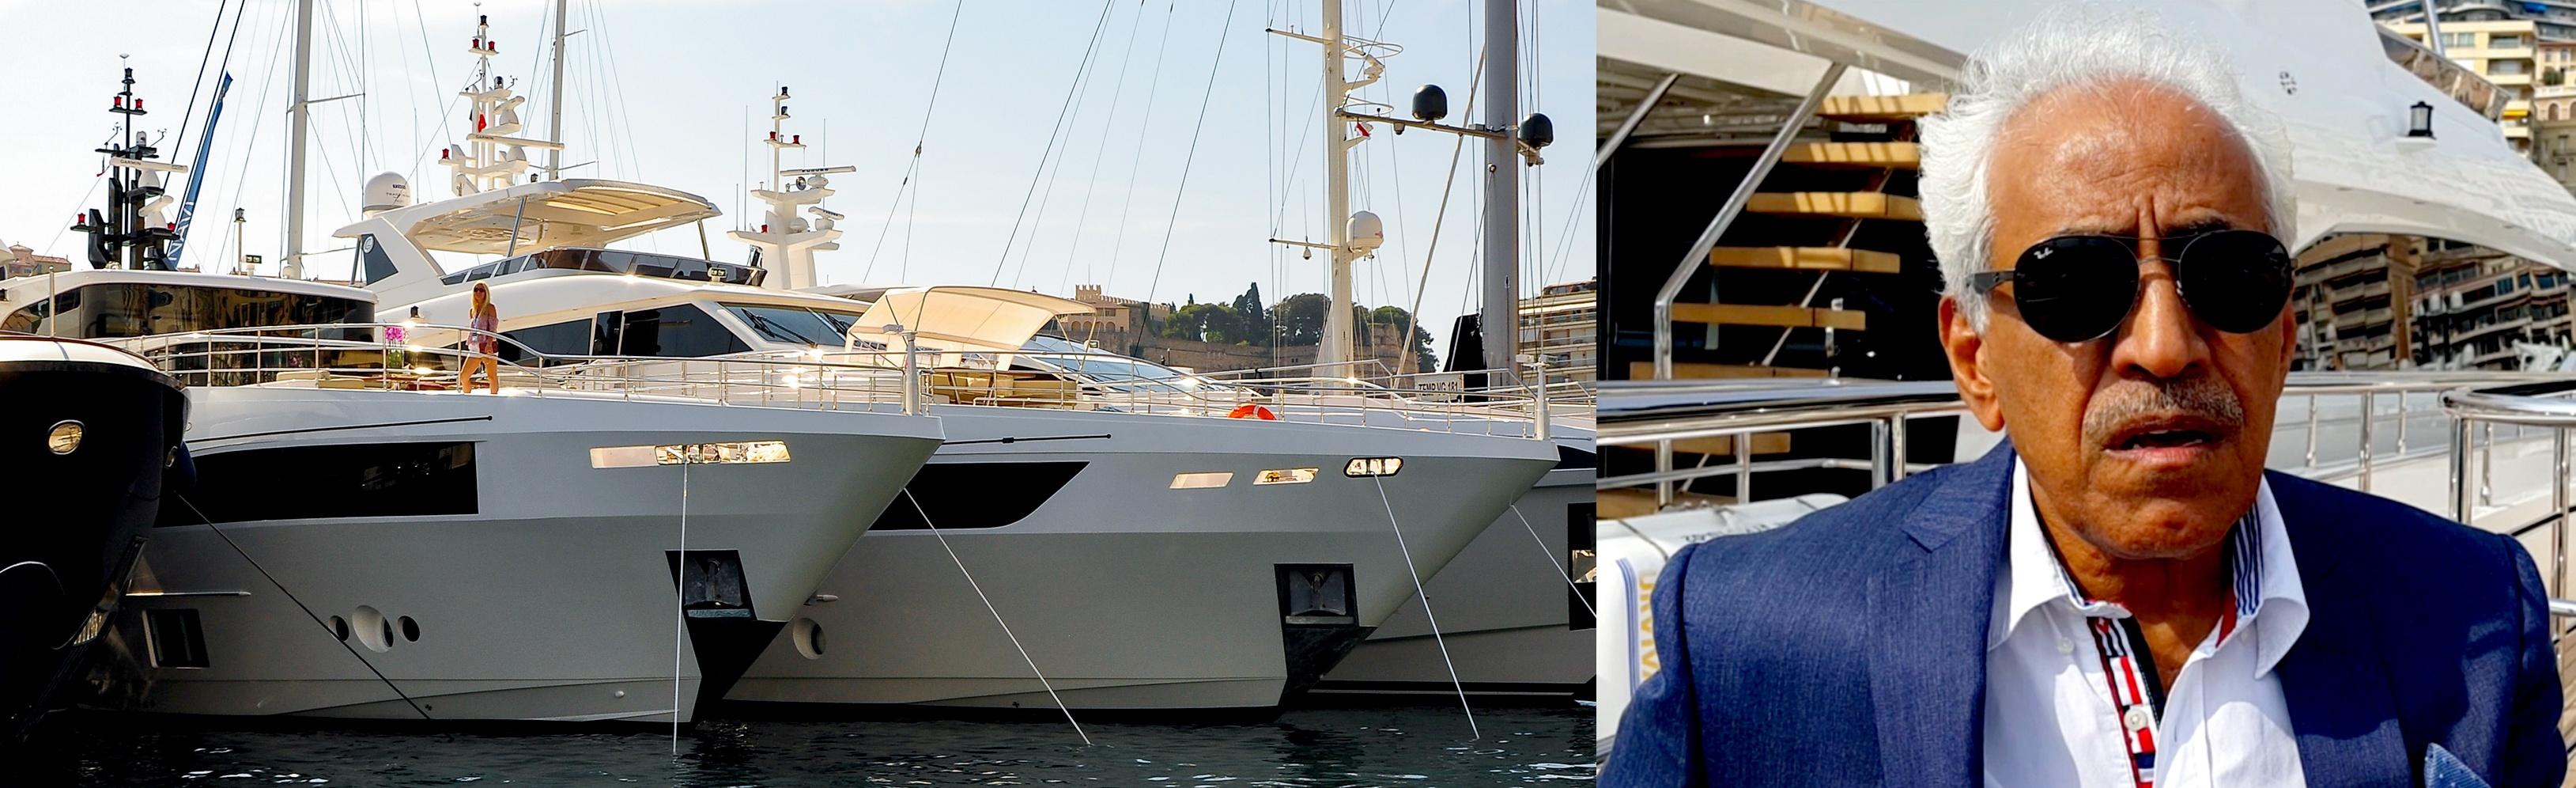 Mohammed-Alshaali,-Monaco-Yacht-Show.jpg